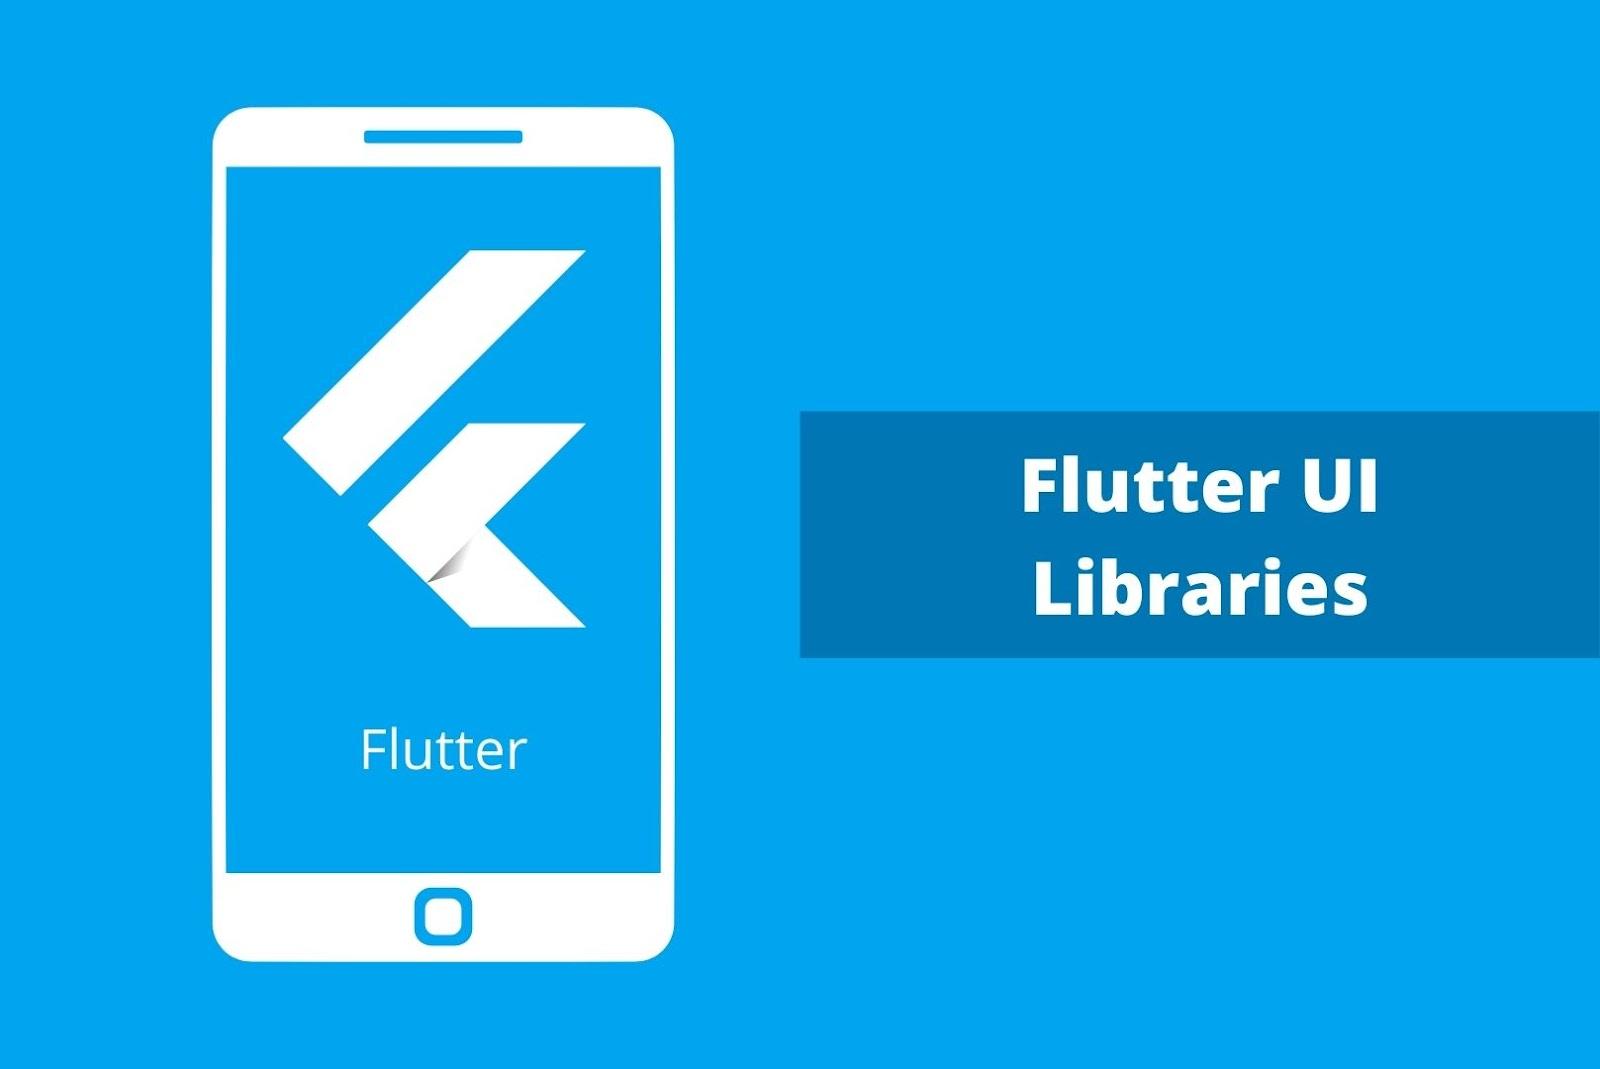 Flutter UI Libraries